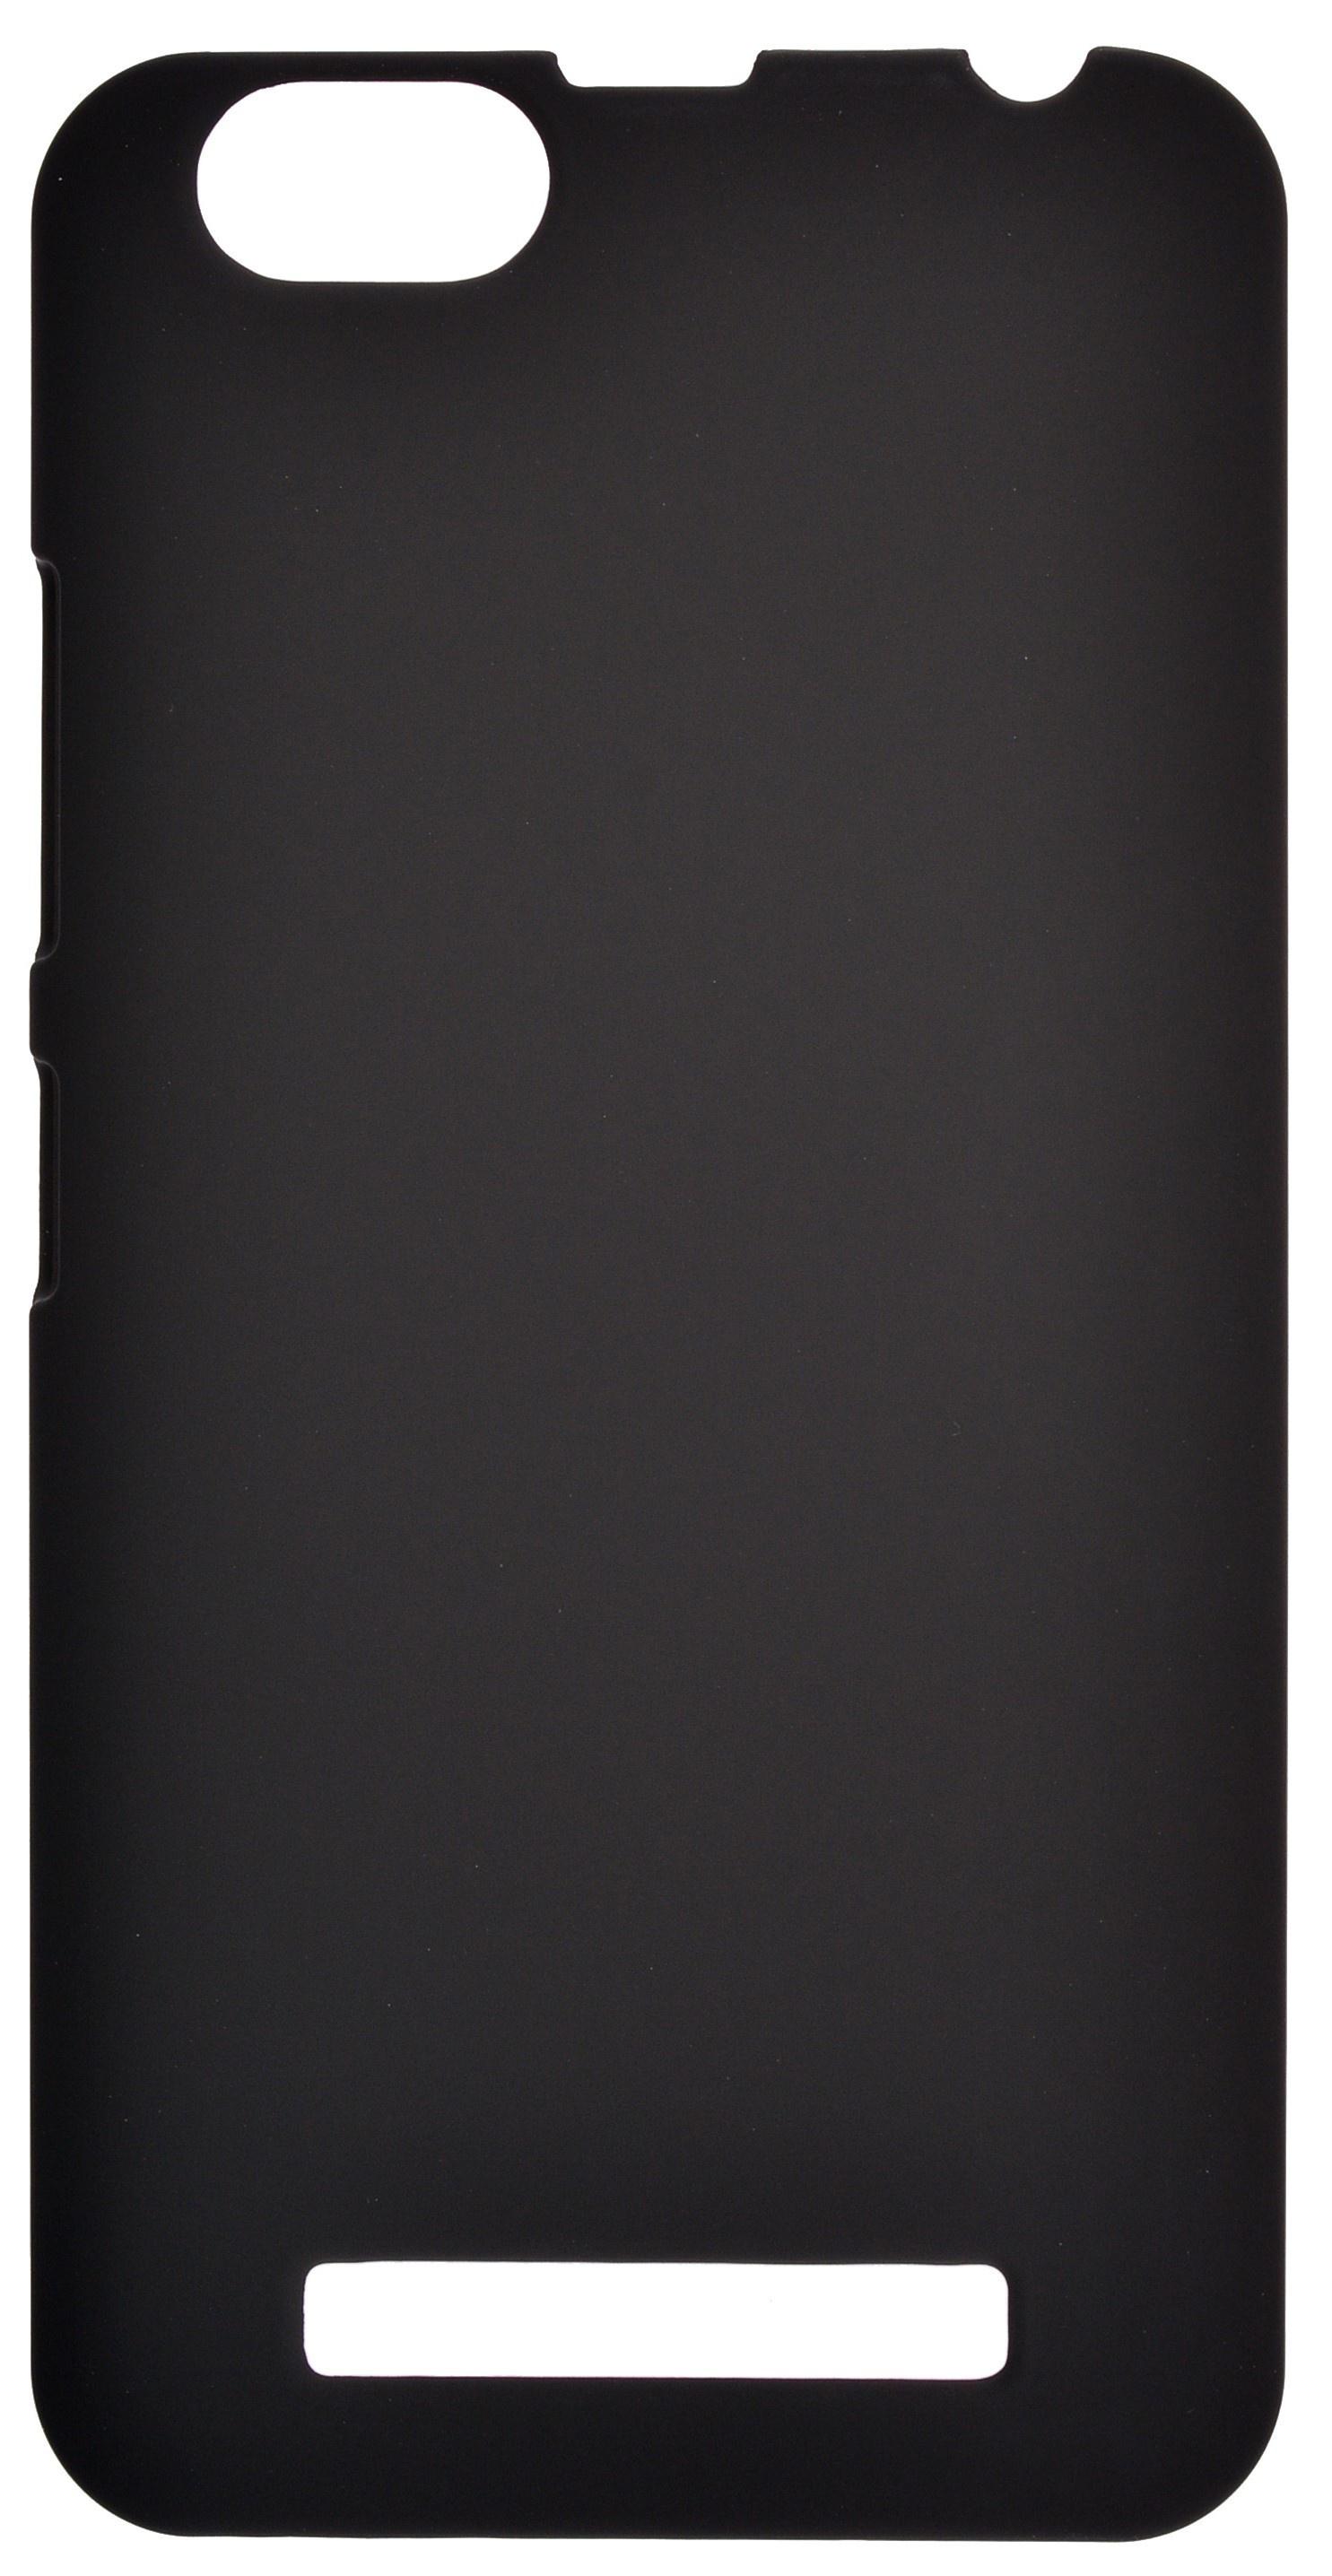 Чехол для сотового телефона skinBOX 4People, 4630042528765, черный чехол skinbox для zte blade a465 2000000092881 черный